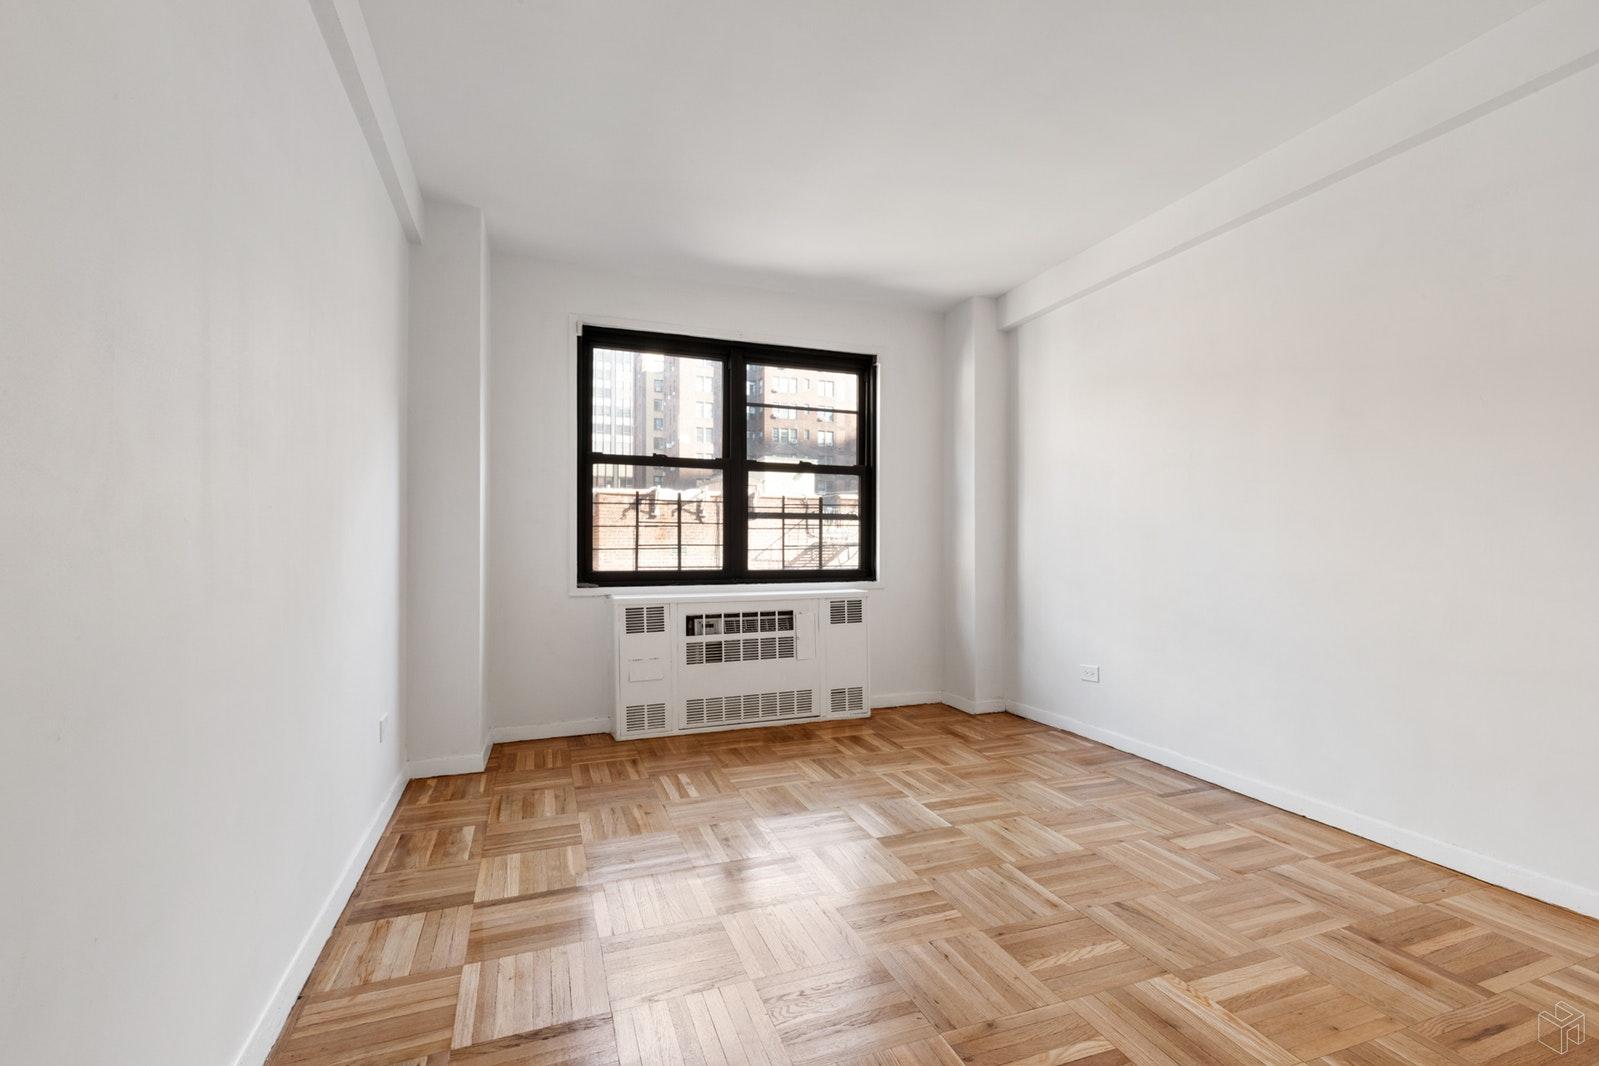 347 EAST 53RD STREET 6B, Midtown East, $795,000, Web #: 19409554